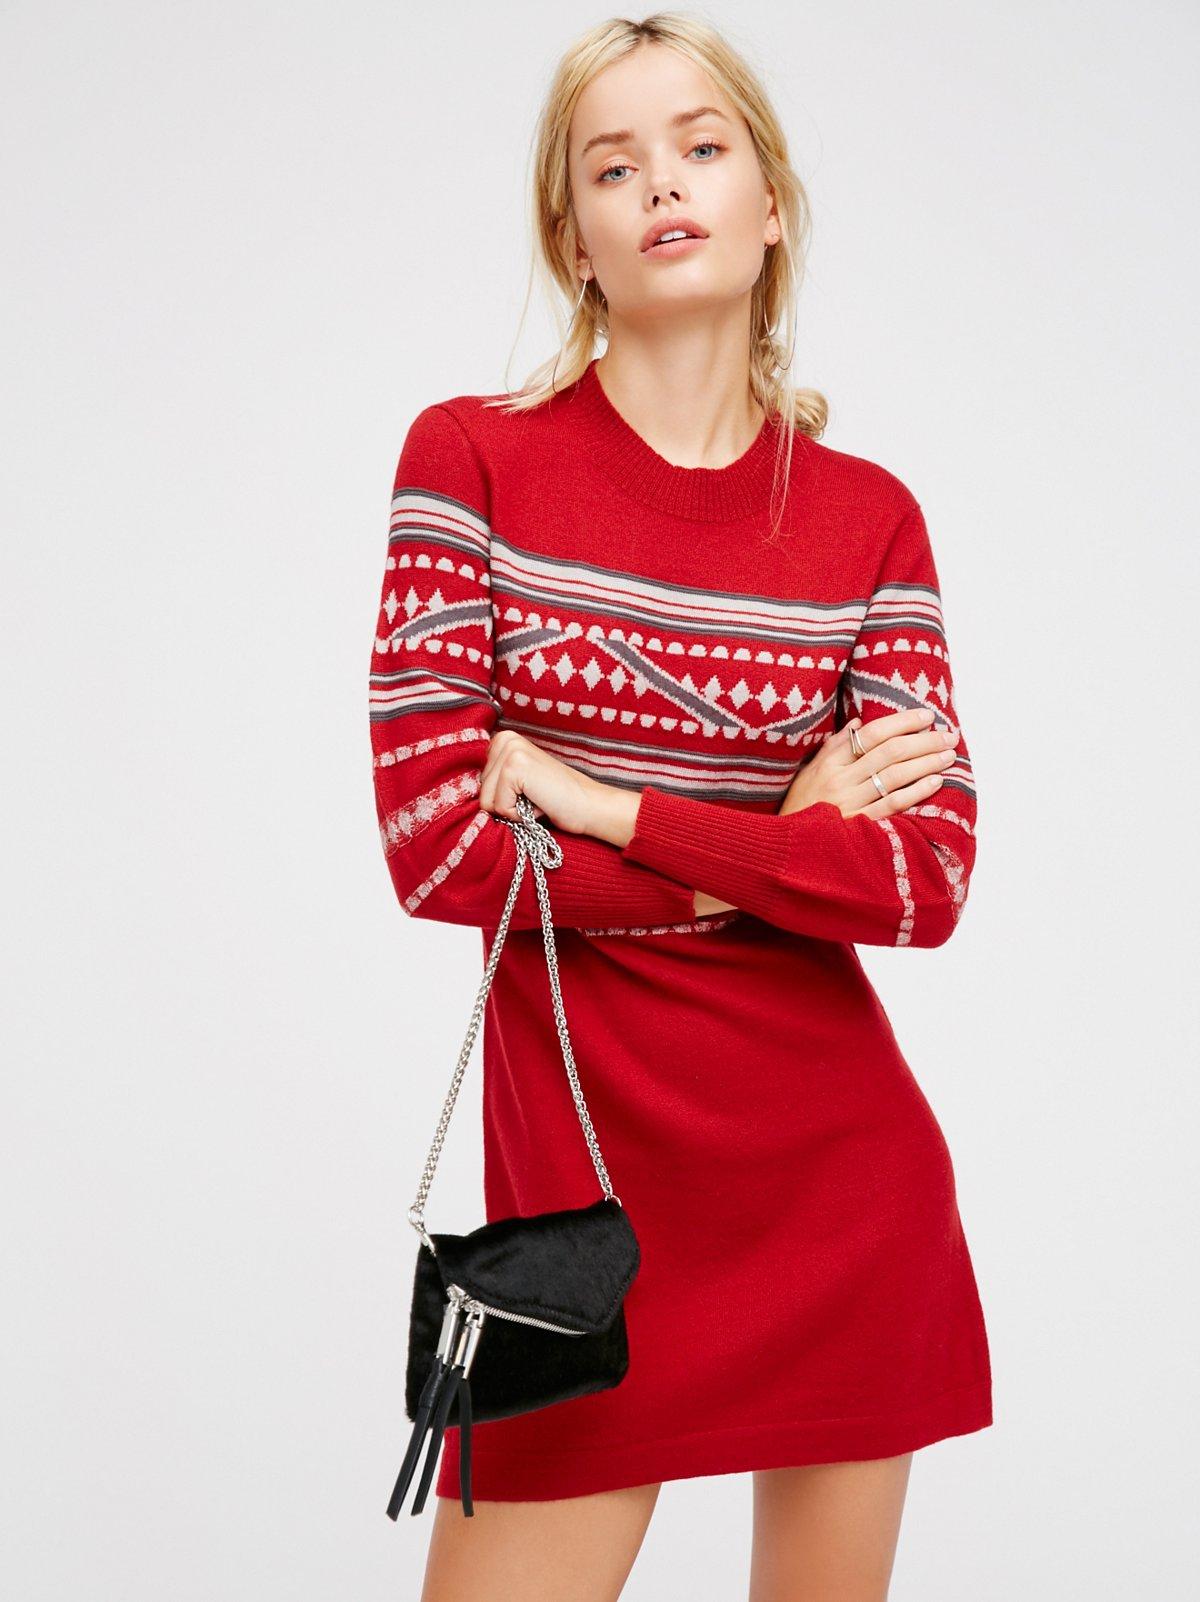 Hot Cocoa Mini Dress